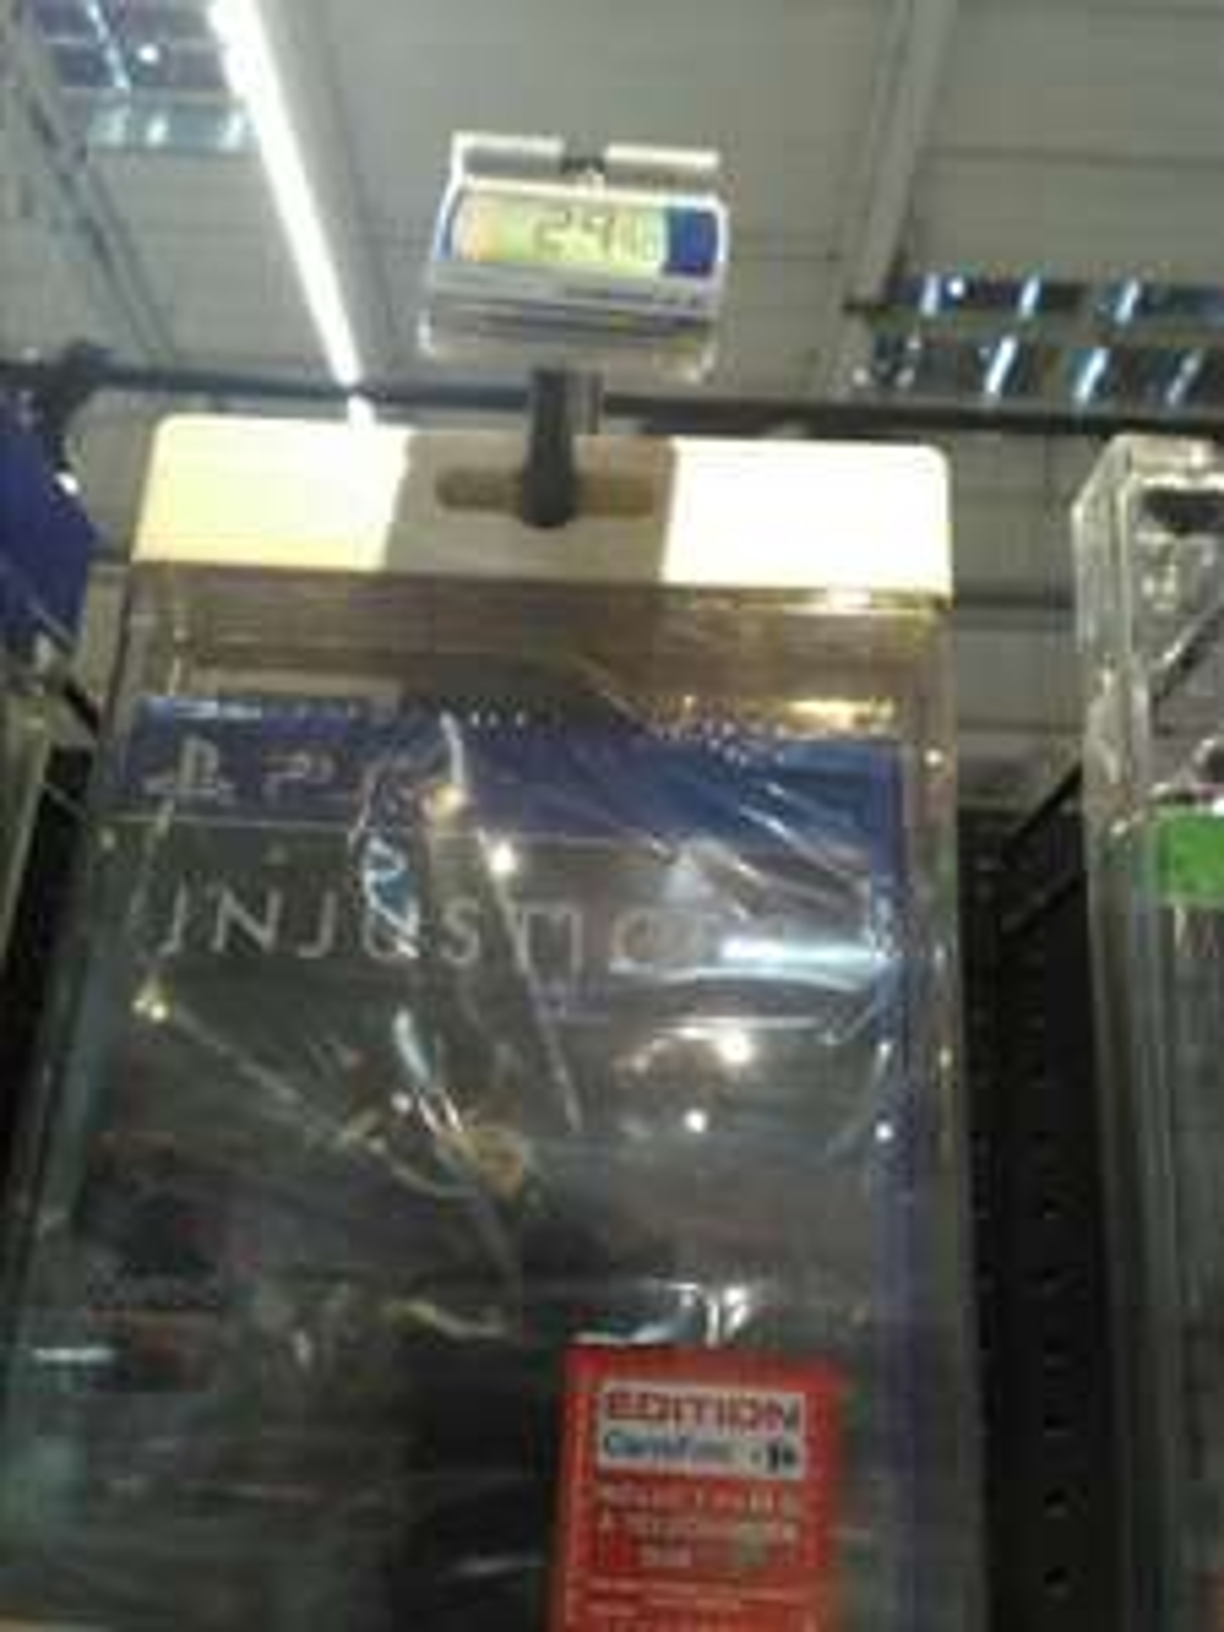 Injustice 2 sur PS4 + 1 film à télécharger